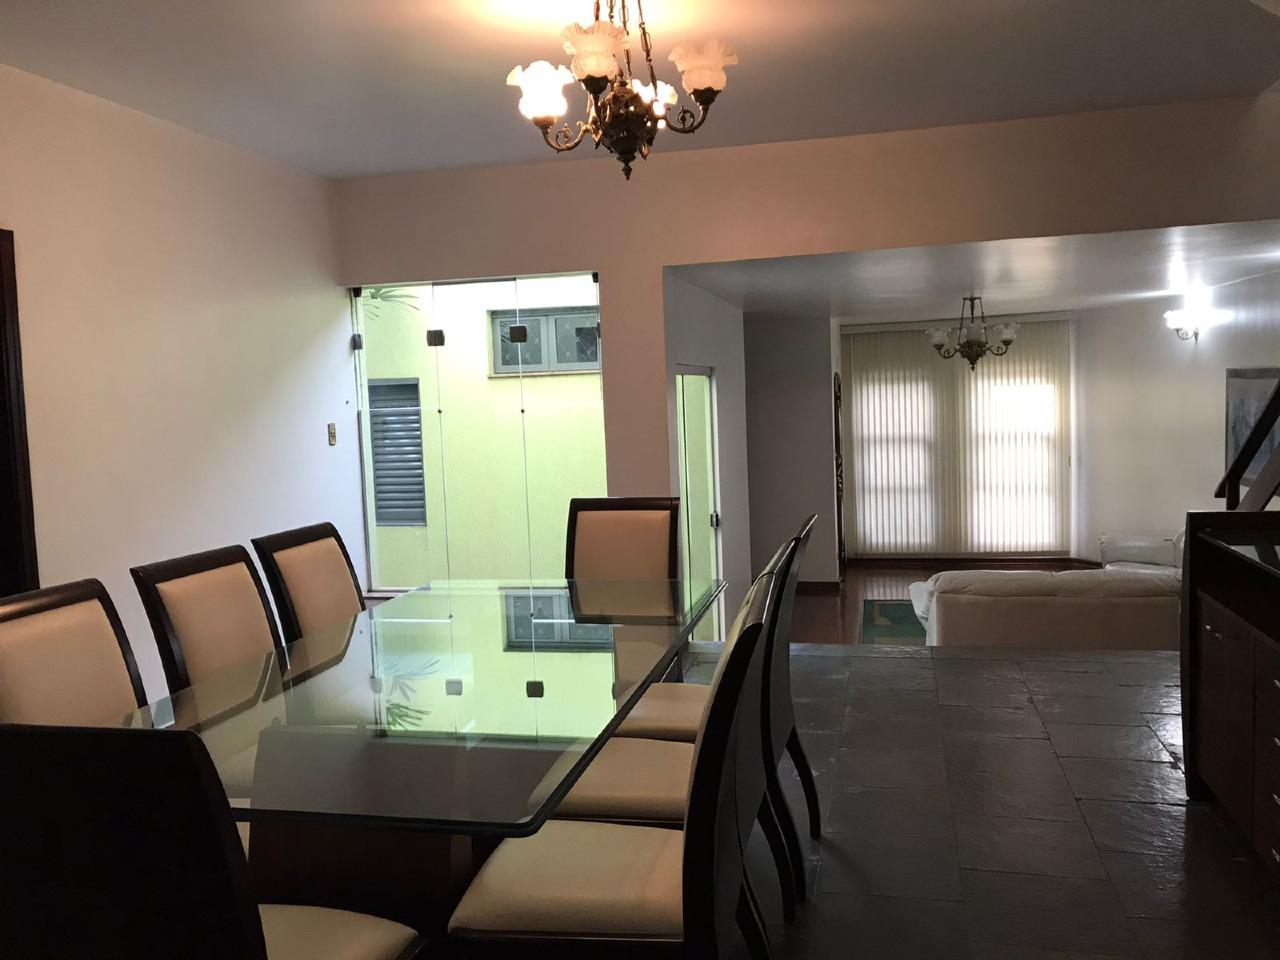 Casa para comprar, 3 quartos, 1 suíte, no bairro Vila Monteiro em Piracicaba - SP